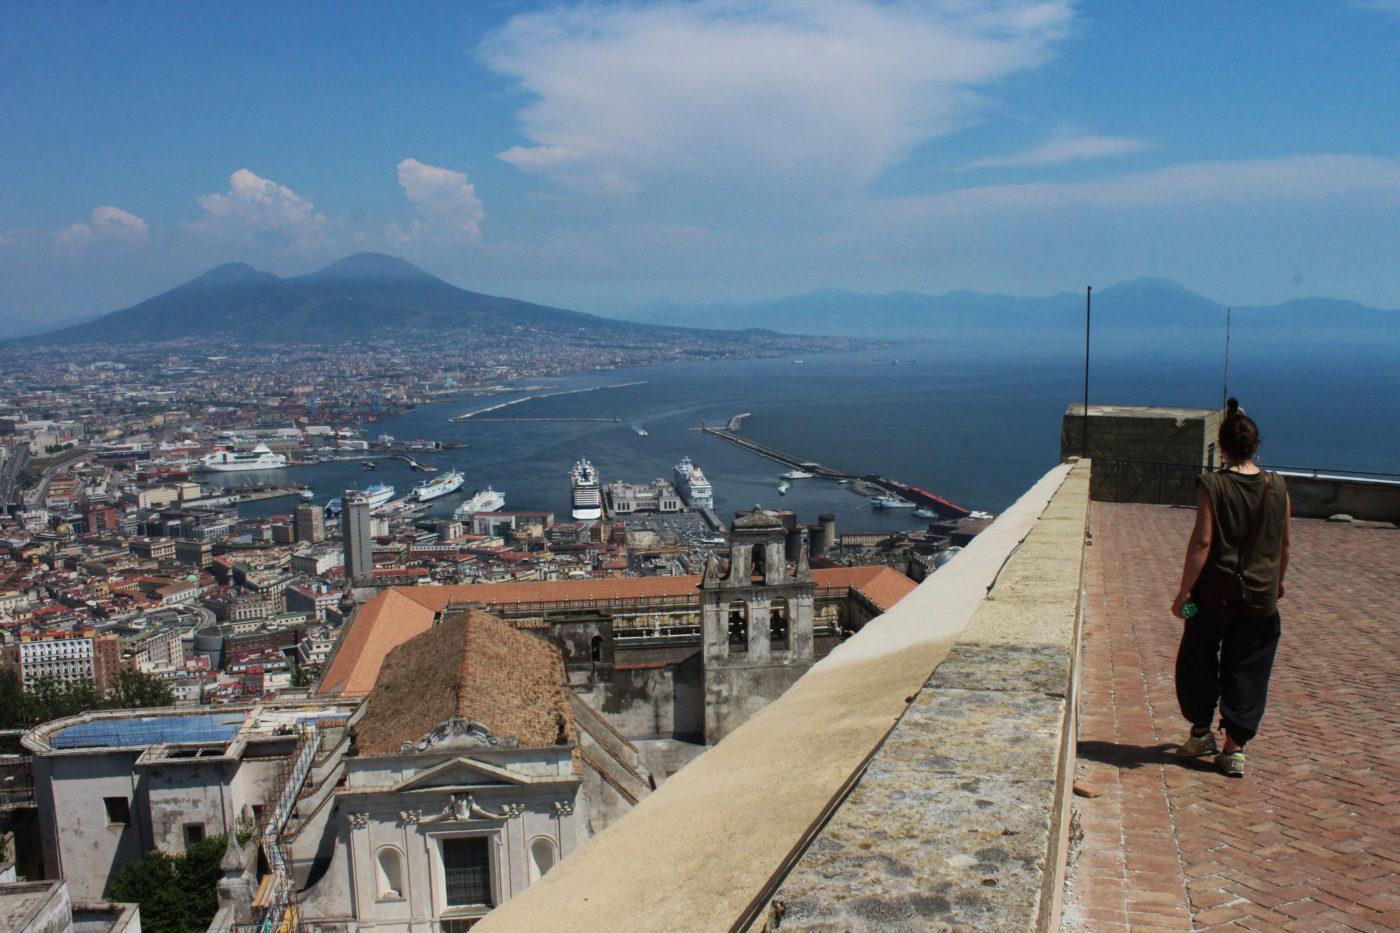 Vista di Napoli dalla Certosa di san Martino